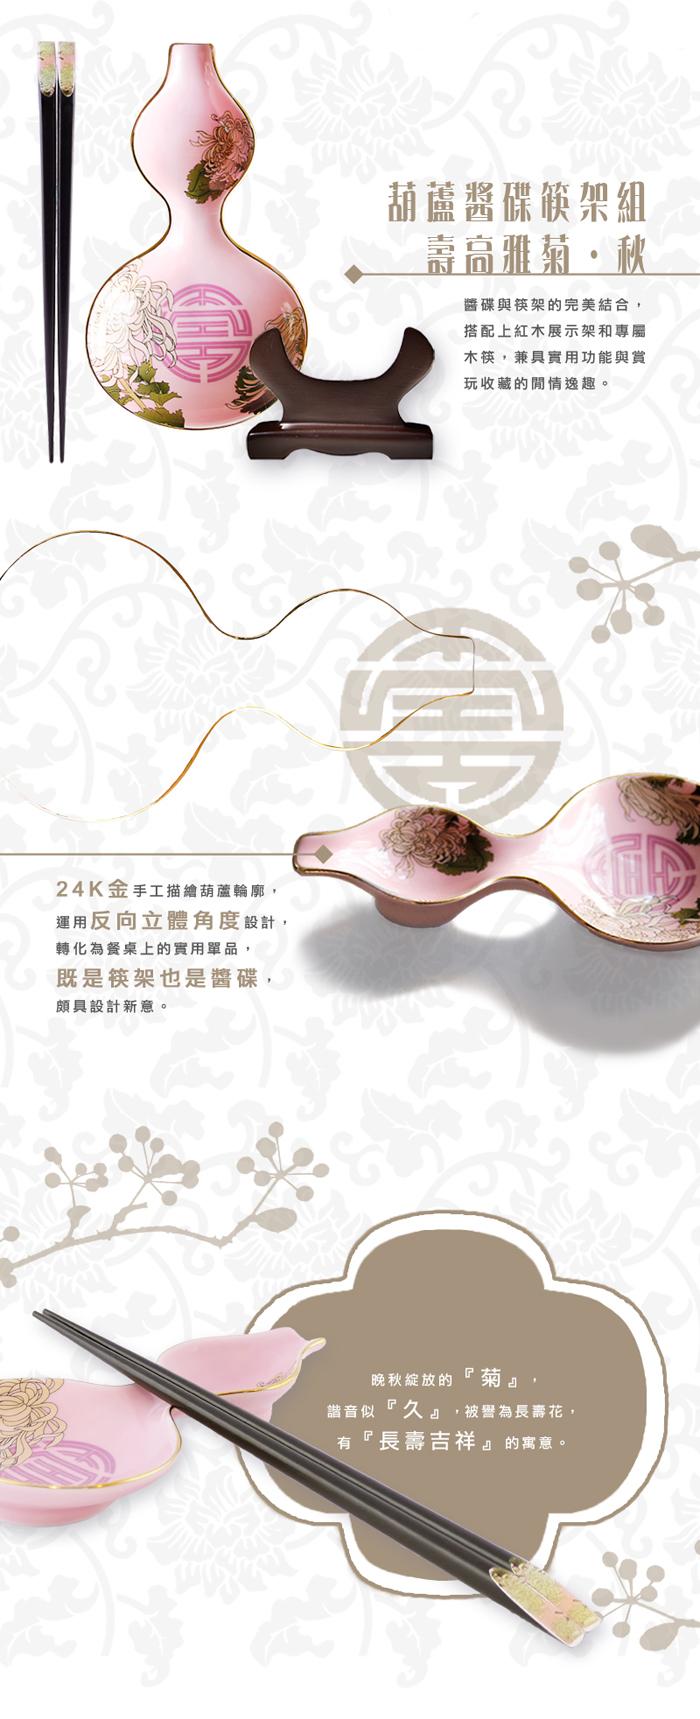 (複製)TALES 神話言│葫蘆醬碟筷架組(2件式)-祿冠清荷(夏)